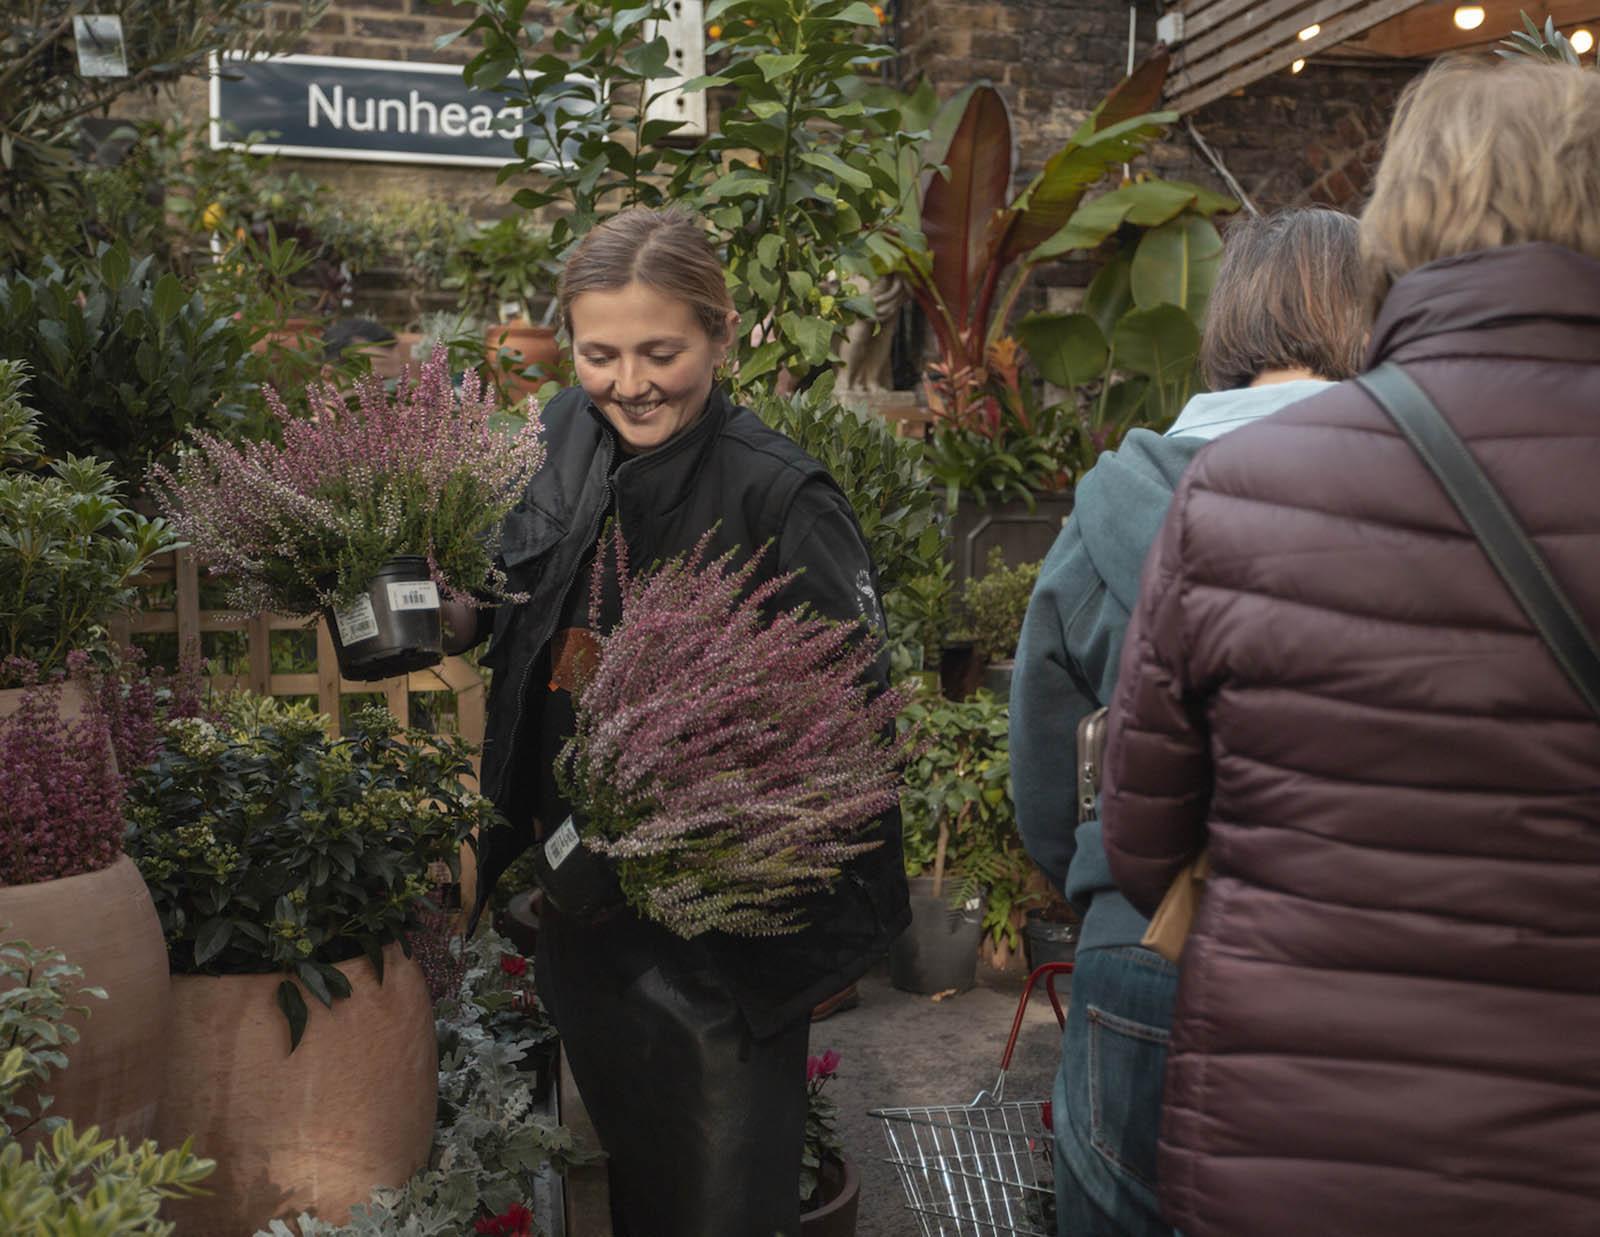 Besucher*innen des Pflanzencenters in London